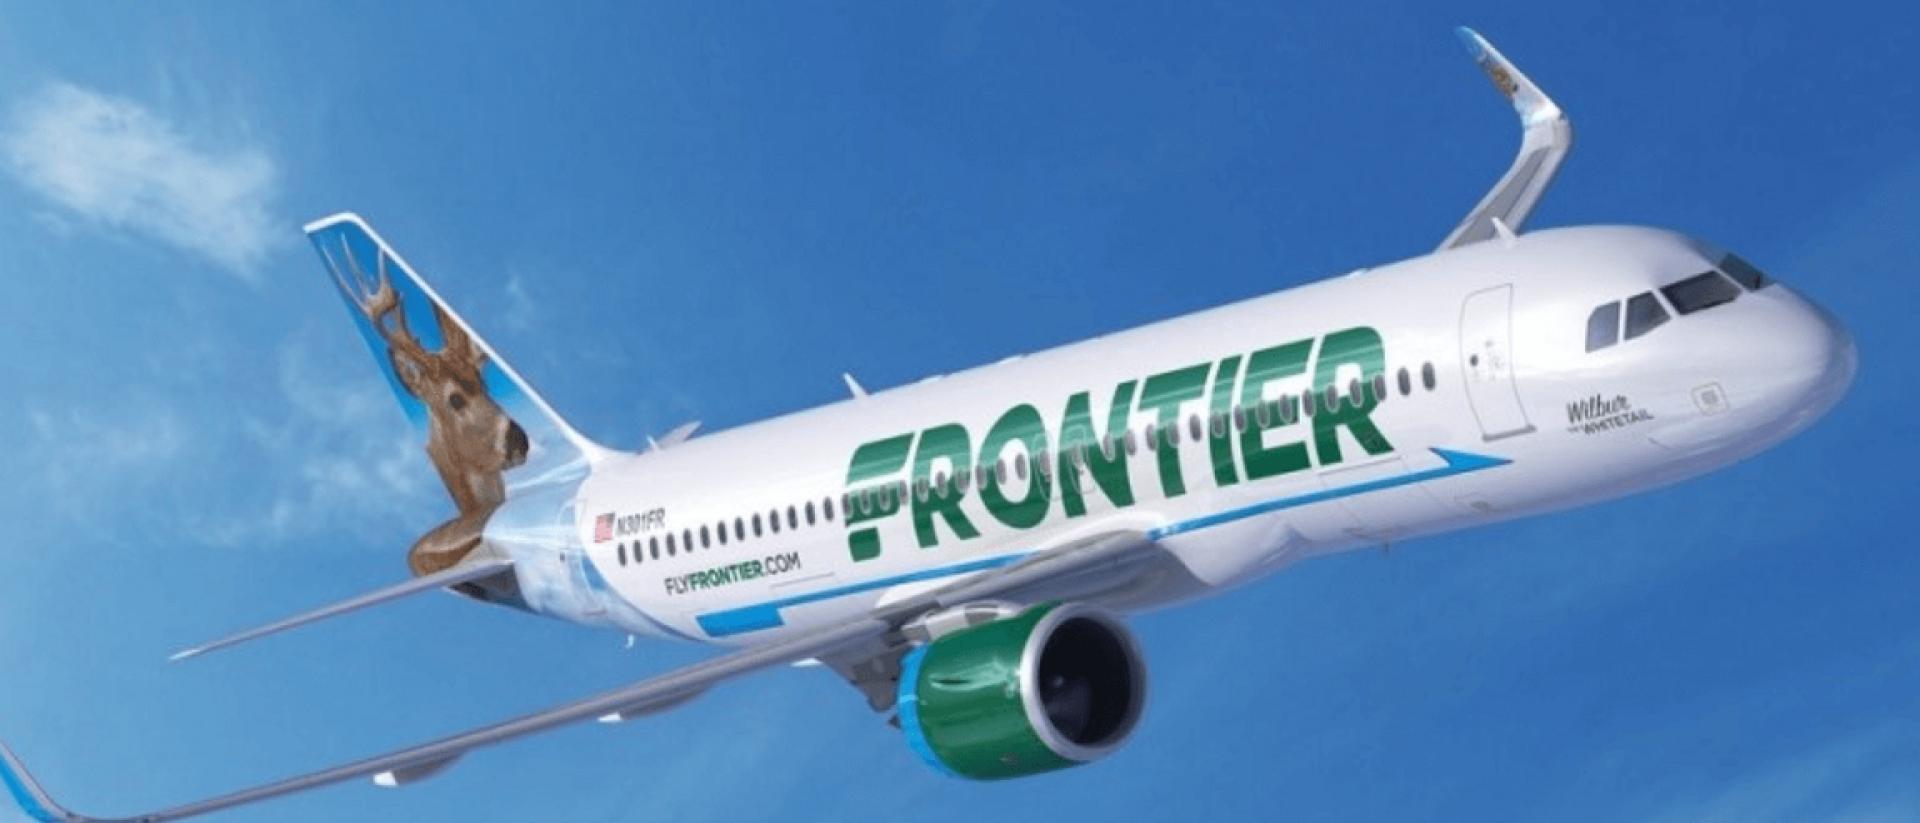 Frontier Airlines inició su ruta Miami-Punta Cana | Expreso